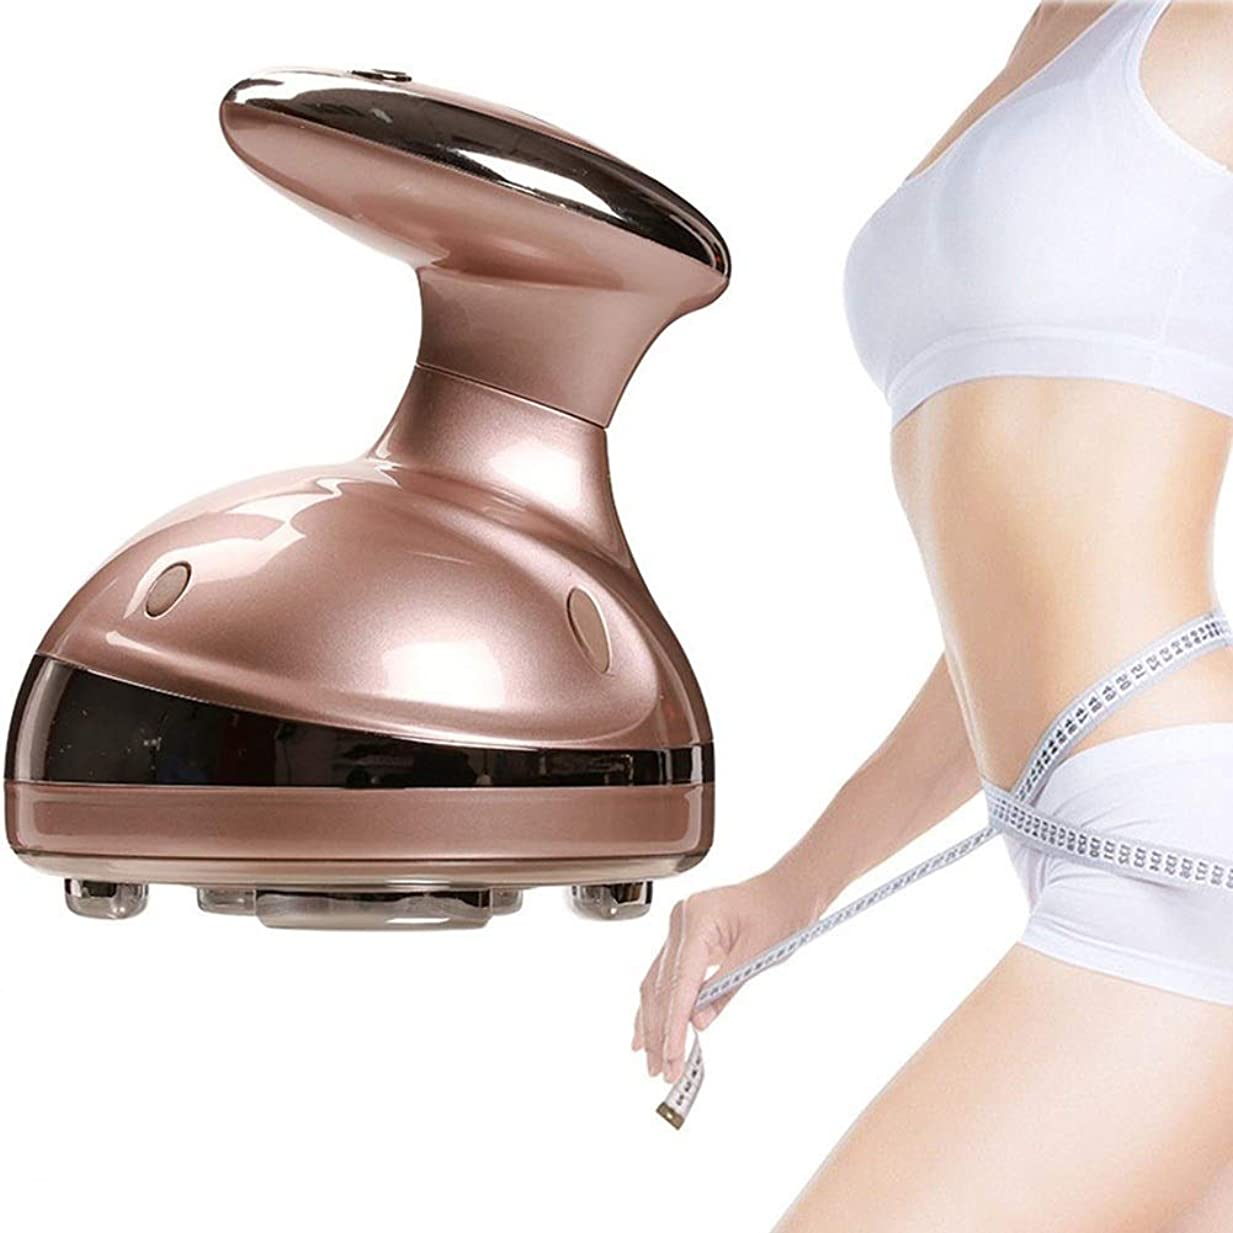 偽造悲劇的なバドミントン超音波脂肪除去機、RF脂肪燃焼振動整形美容器具脂肪除去体重減少デバイス、LEDフォトンアンチセルライト痩身ボディ美容院